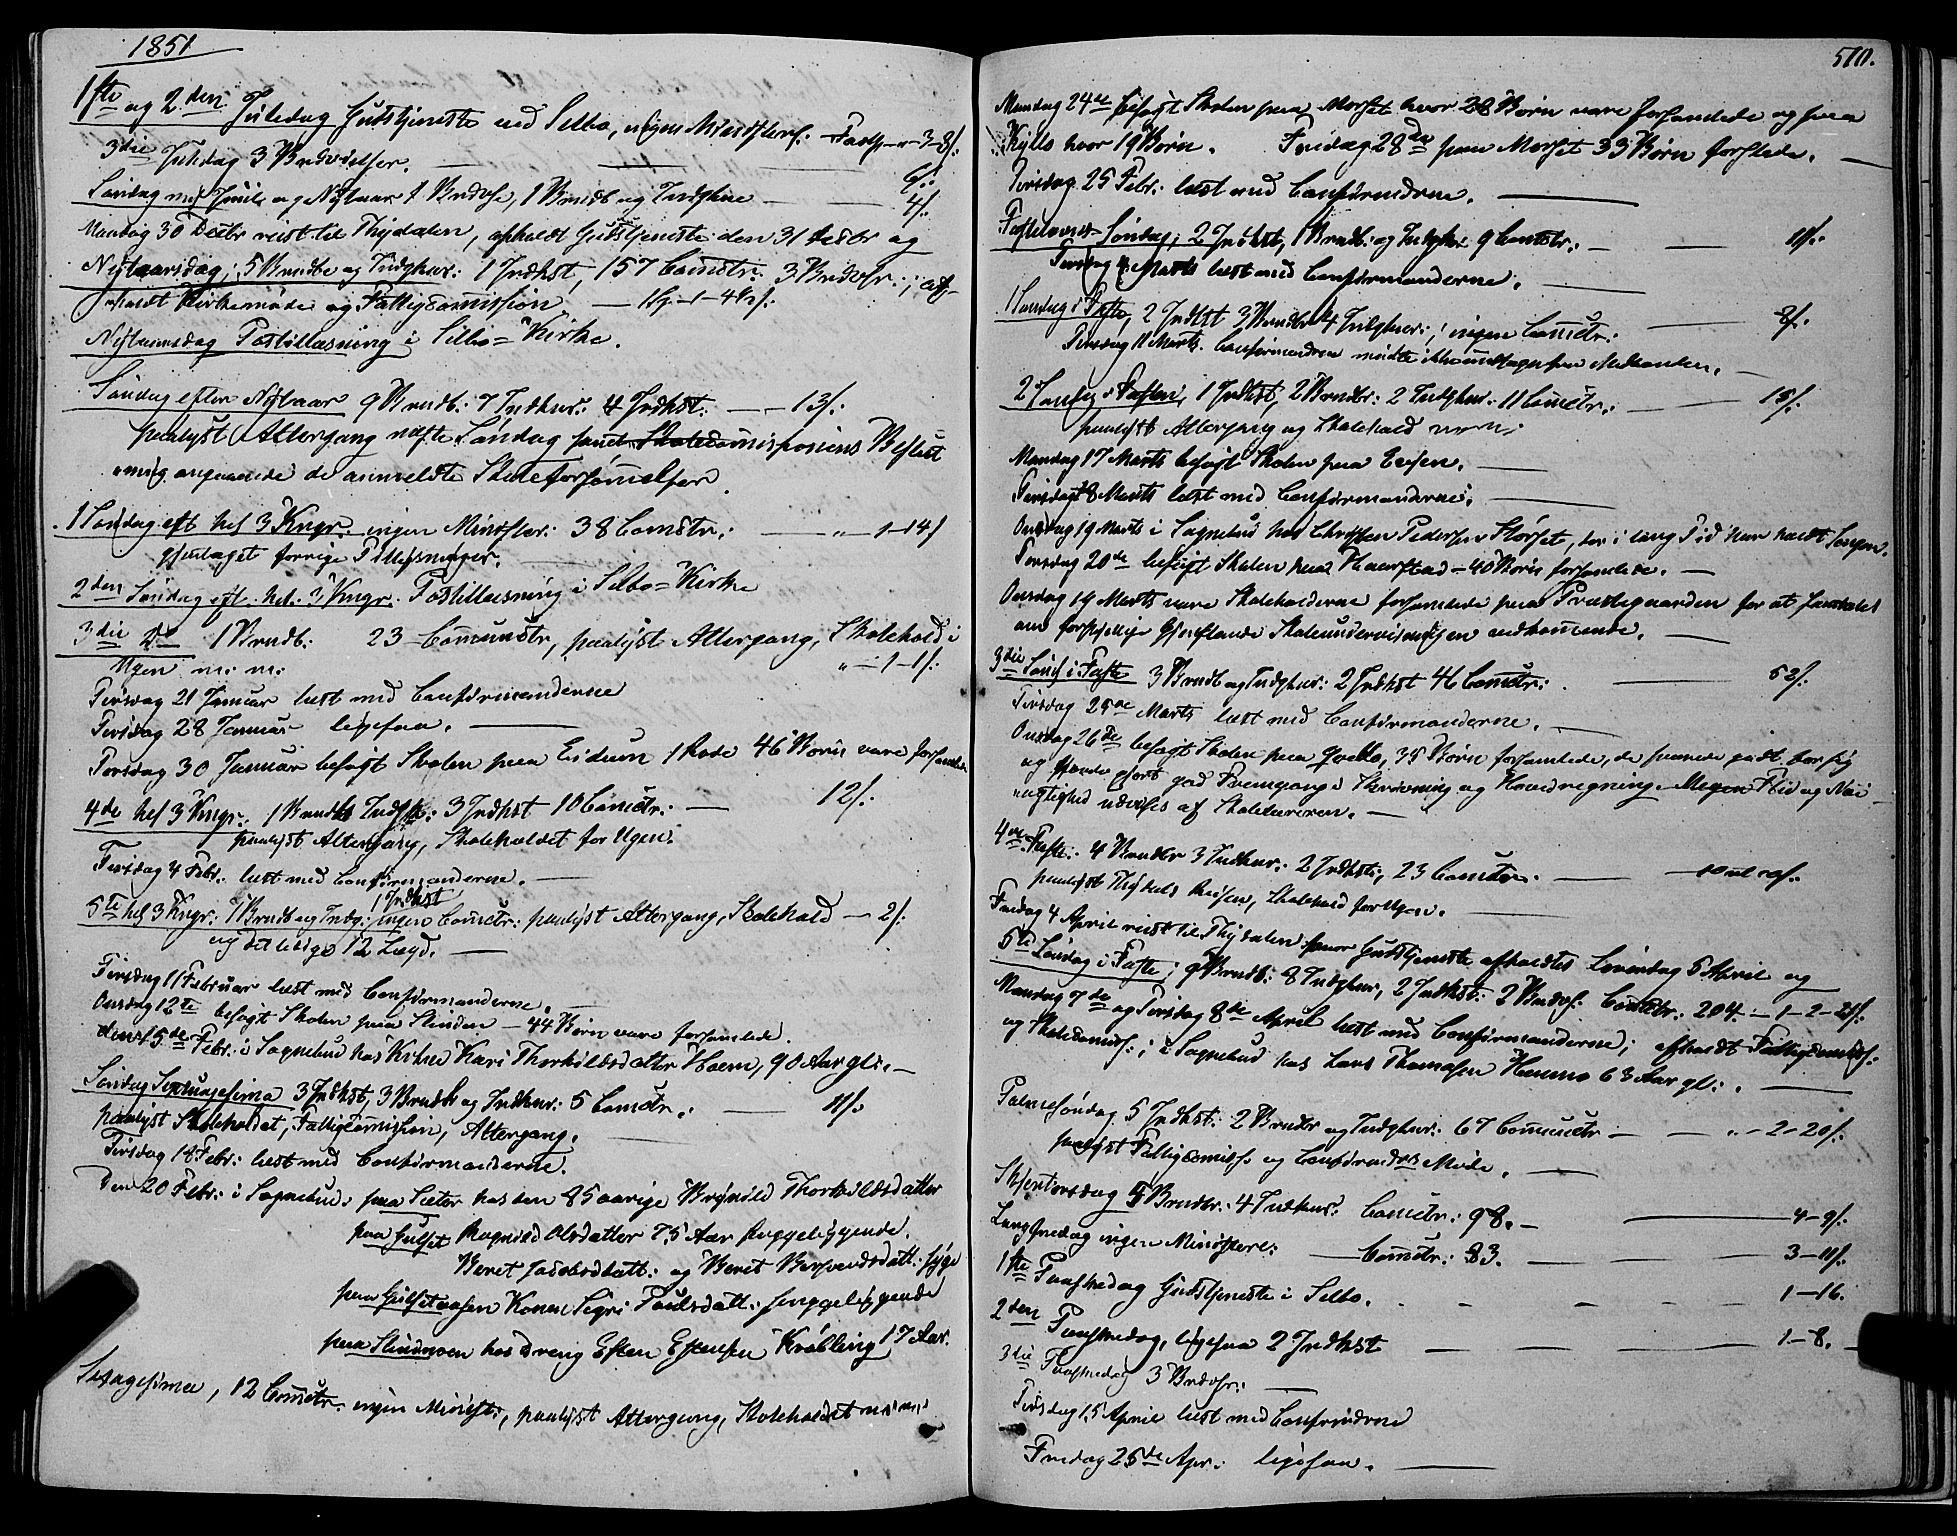 SAT, Ministerialprotokoller, klokkerbøker og fødselsregistre - Sør-Trøndelag, 695/L1145: Ministerialbok nr. 695A06 /1, 1843-1859, s. 510